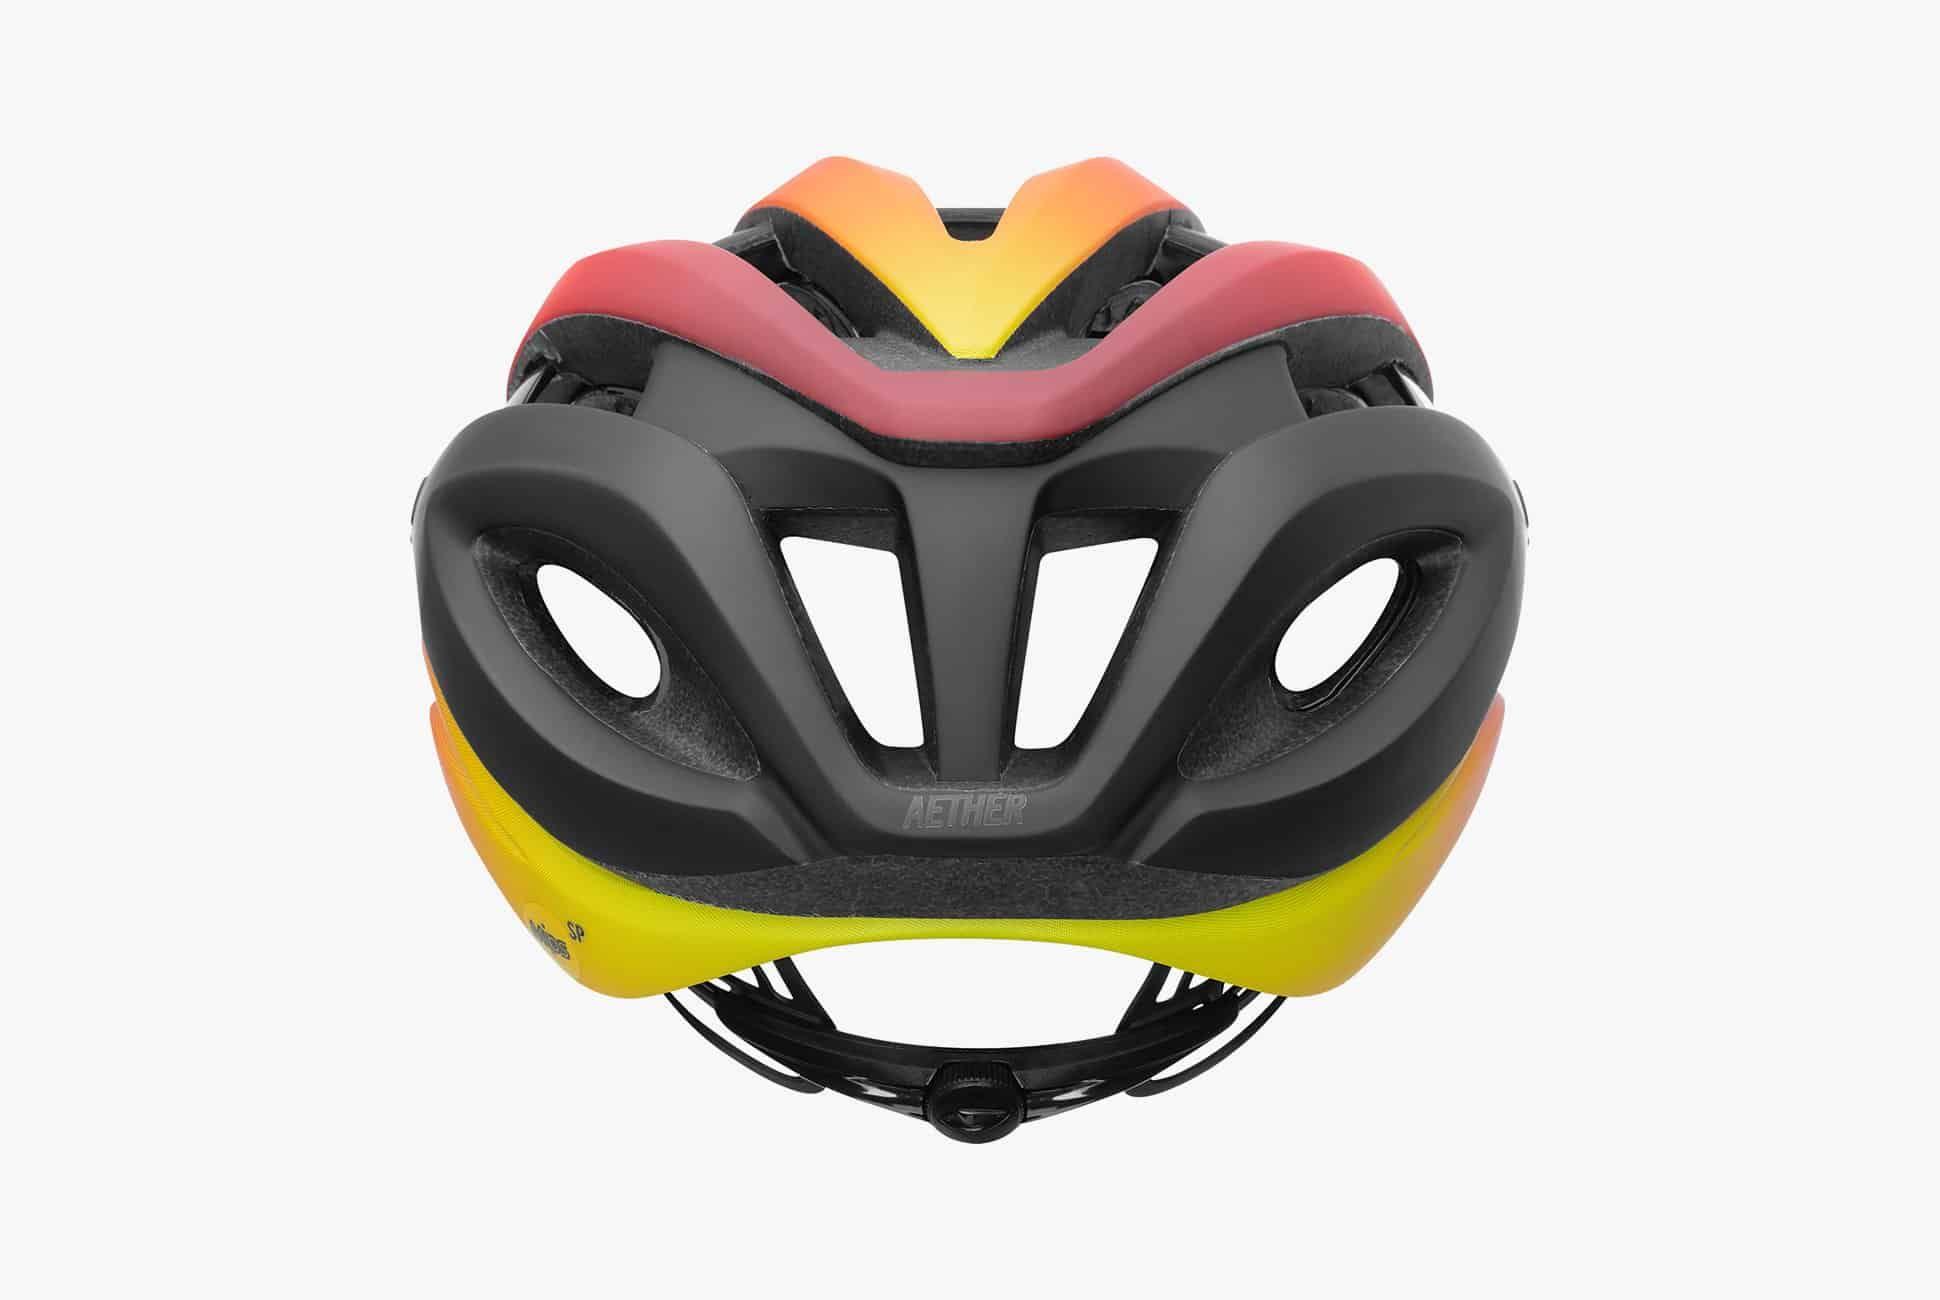 Giro-Custom-Aether-Bicycling-Helmet-gear-patrol-slide-2